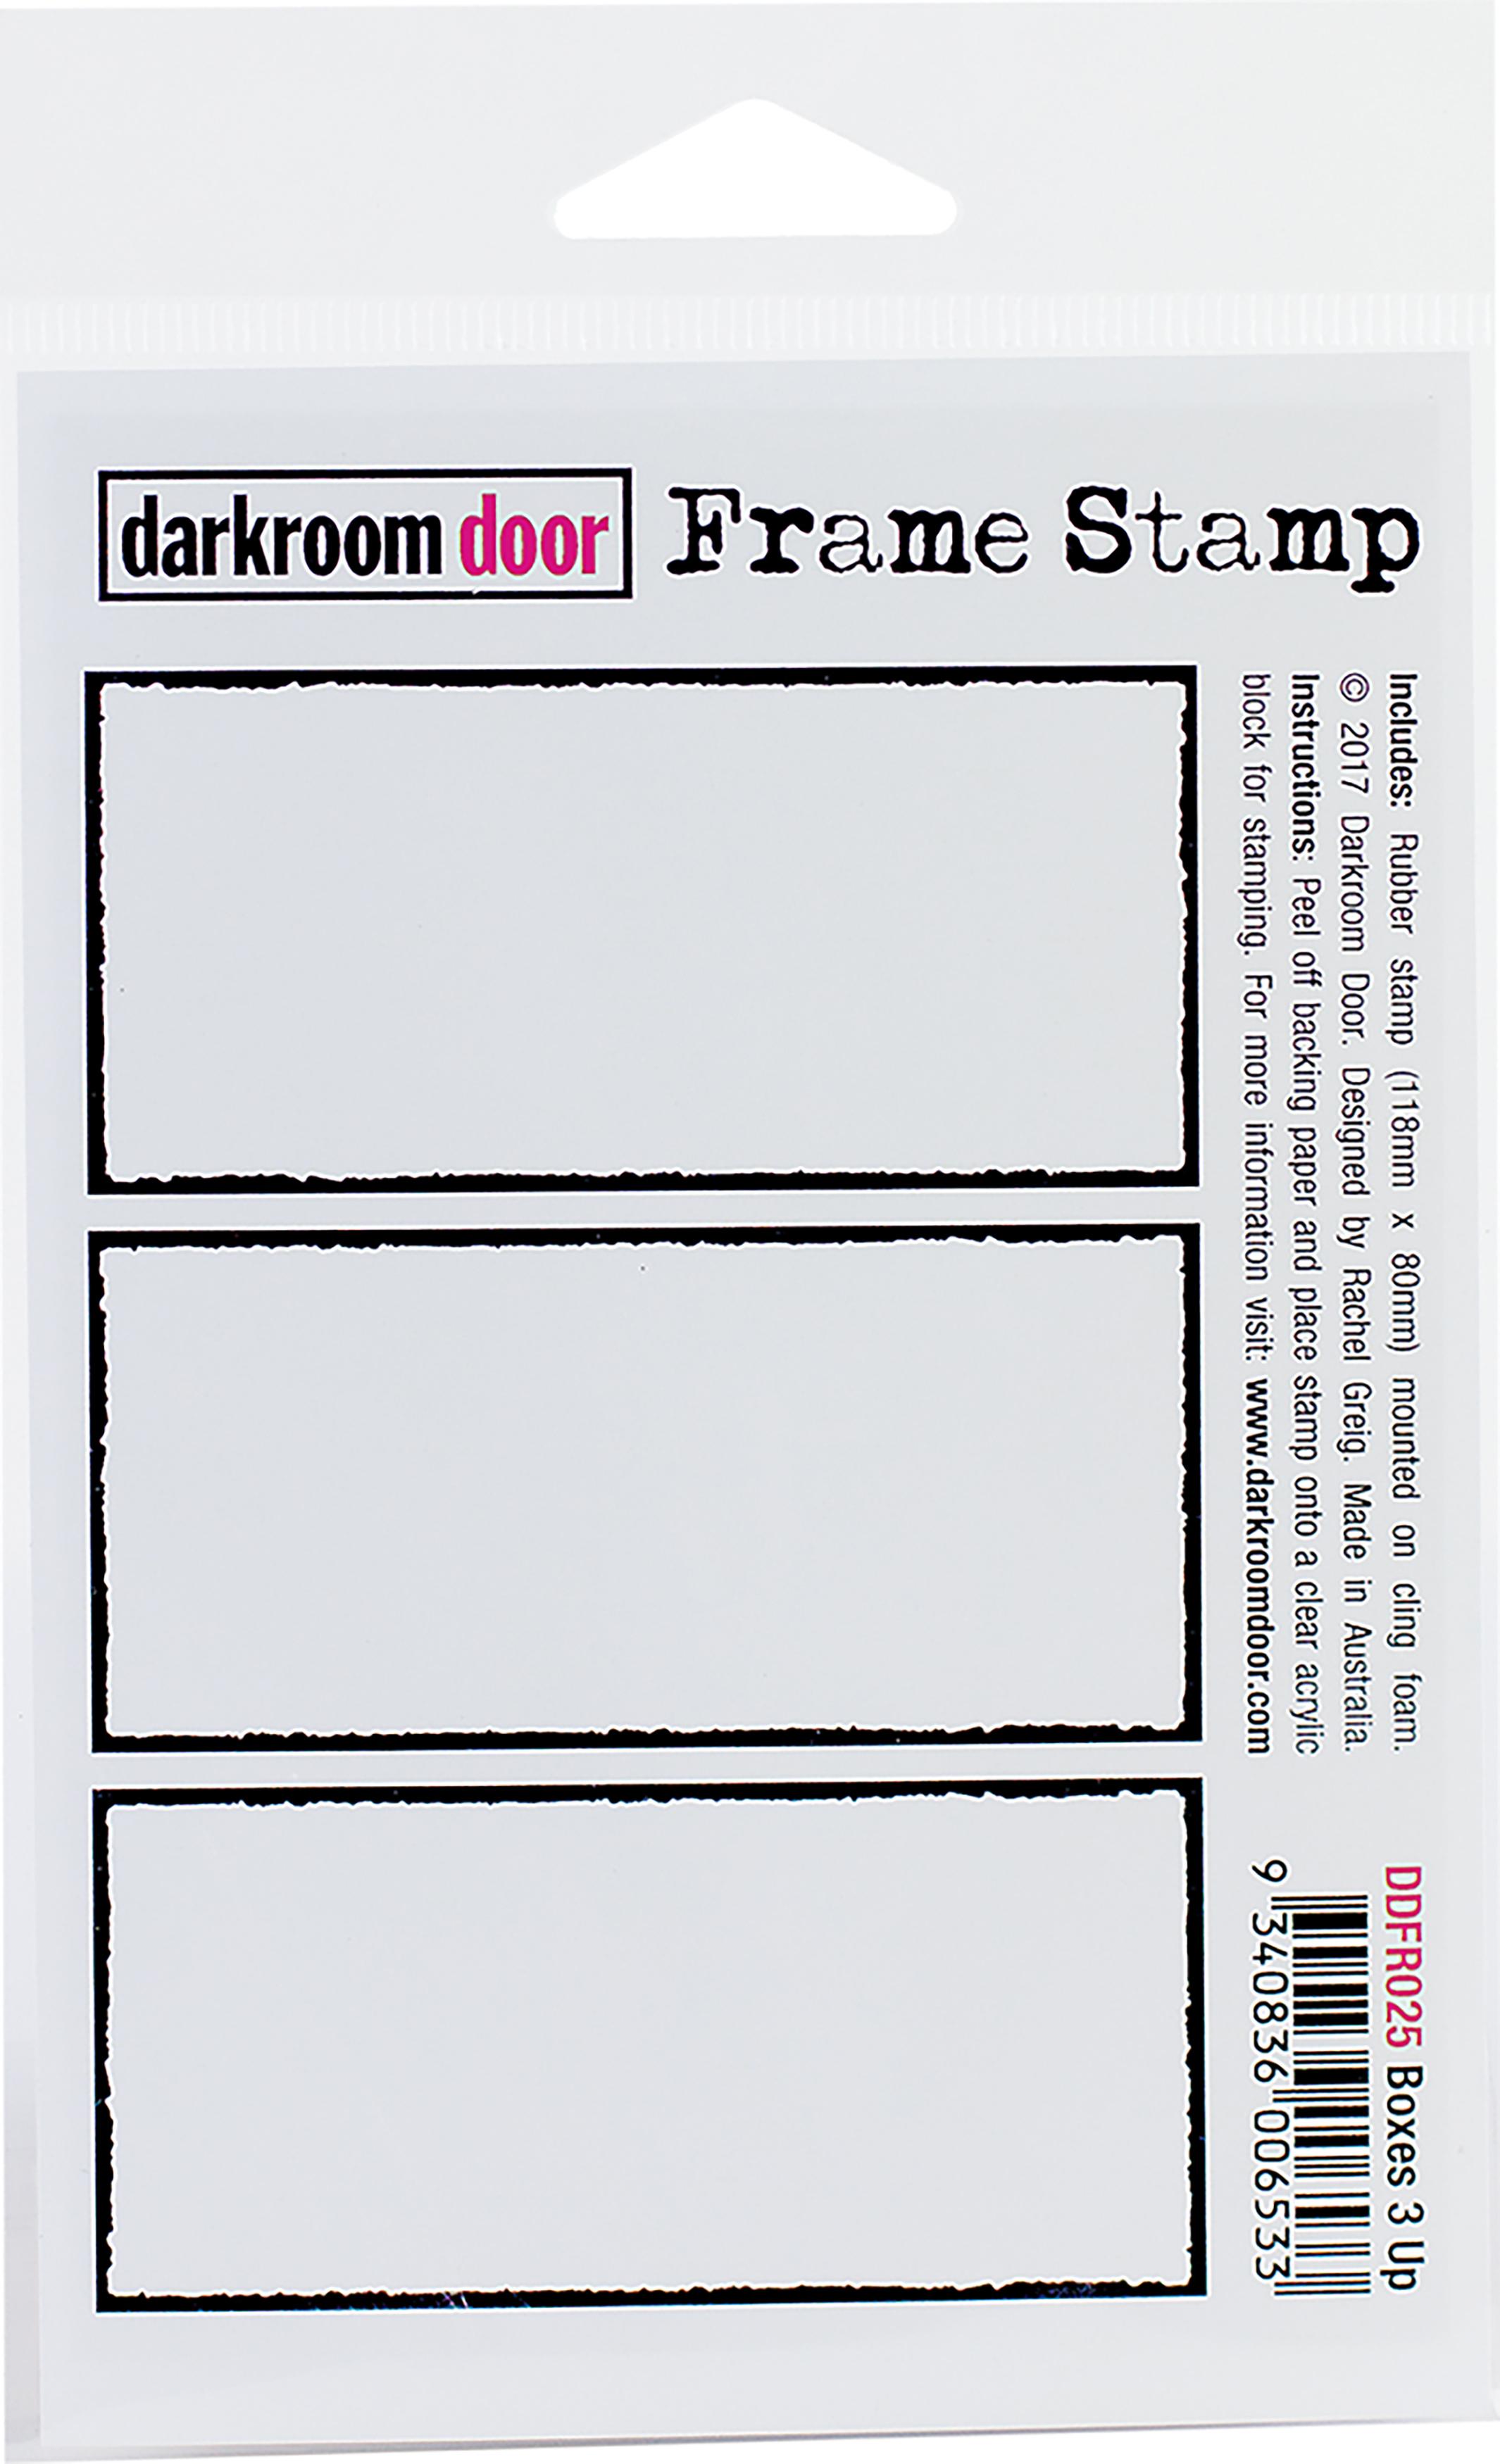 Darkroom Door Cling Stamp 4.5X3-Boxes 3 Up